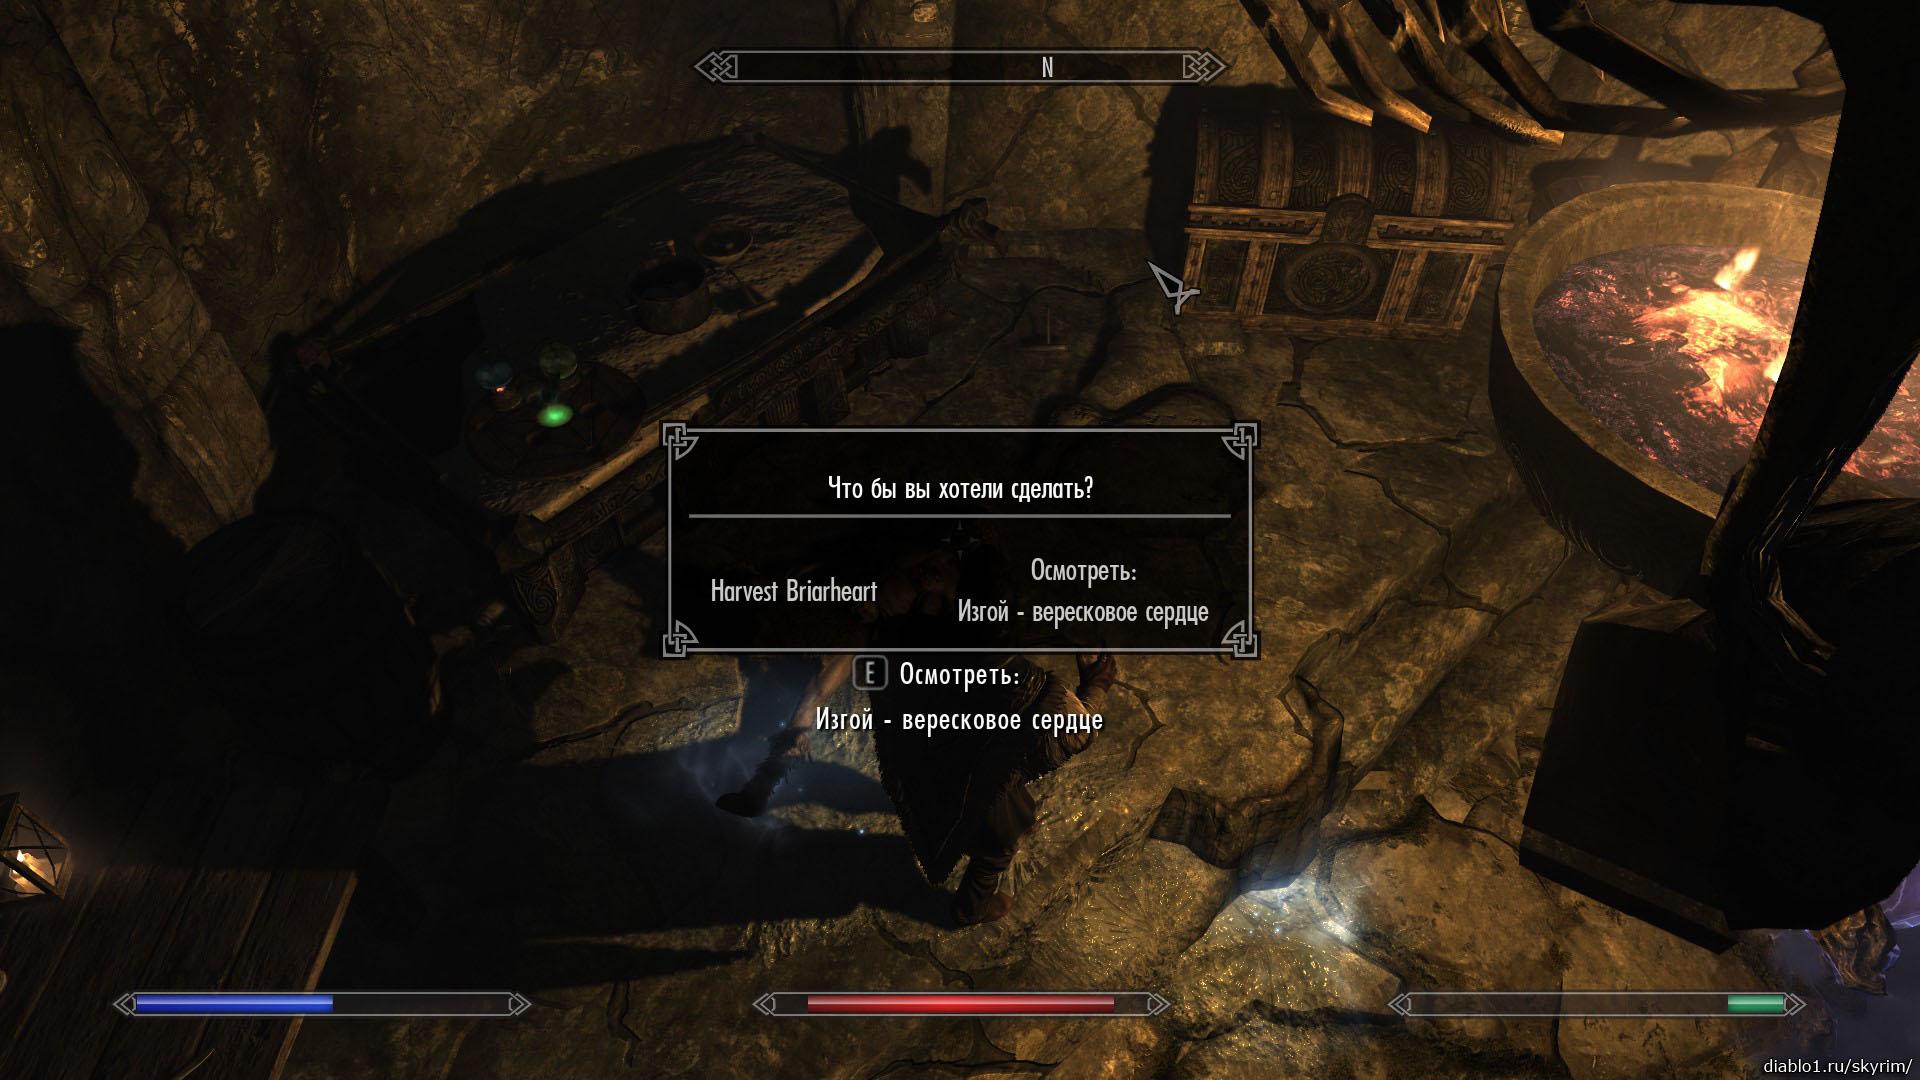 Вскрытие верескового сердца (Briarheart Necropsy) прохождение Скайрим Dragonborn -